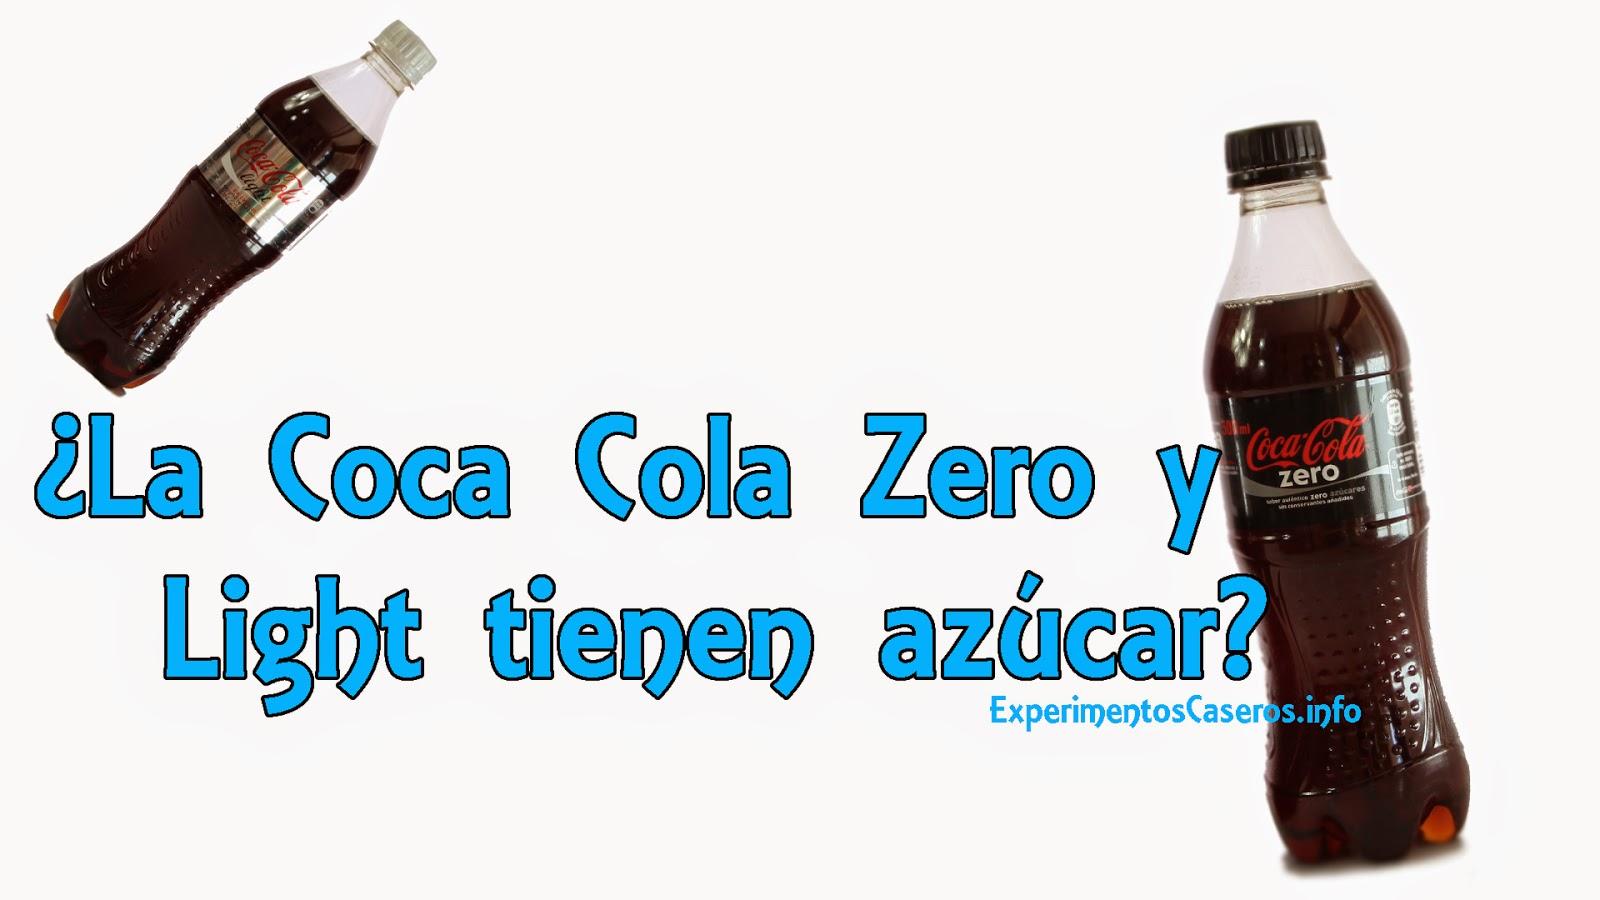 experimentos caseros: ¿la coca cola zero y la coca cola light tienen